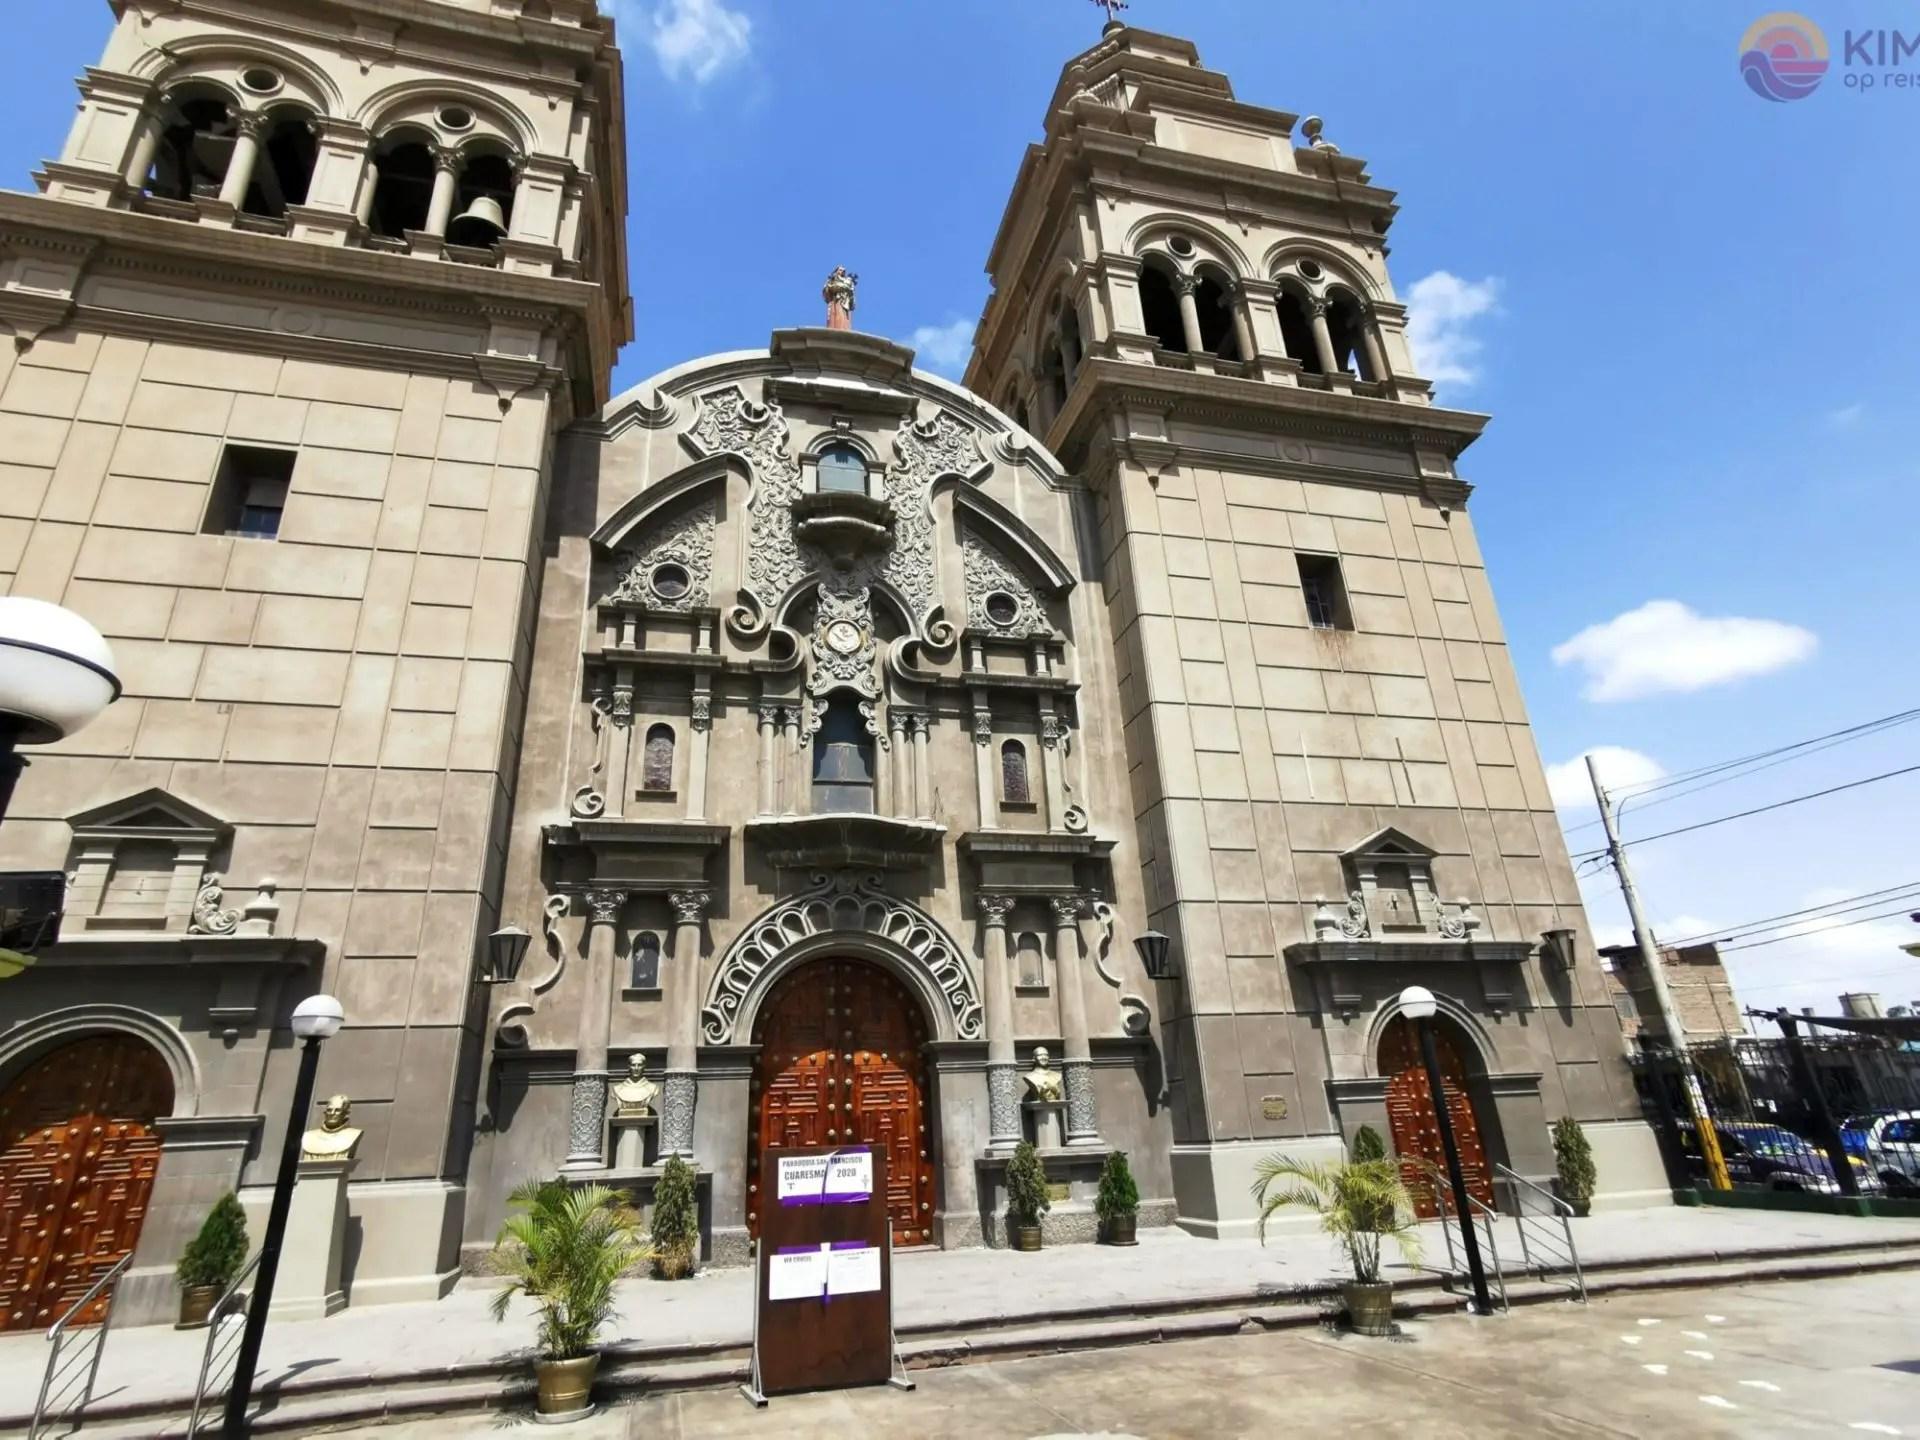 Kerk Ica